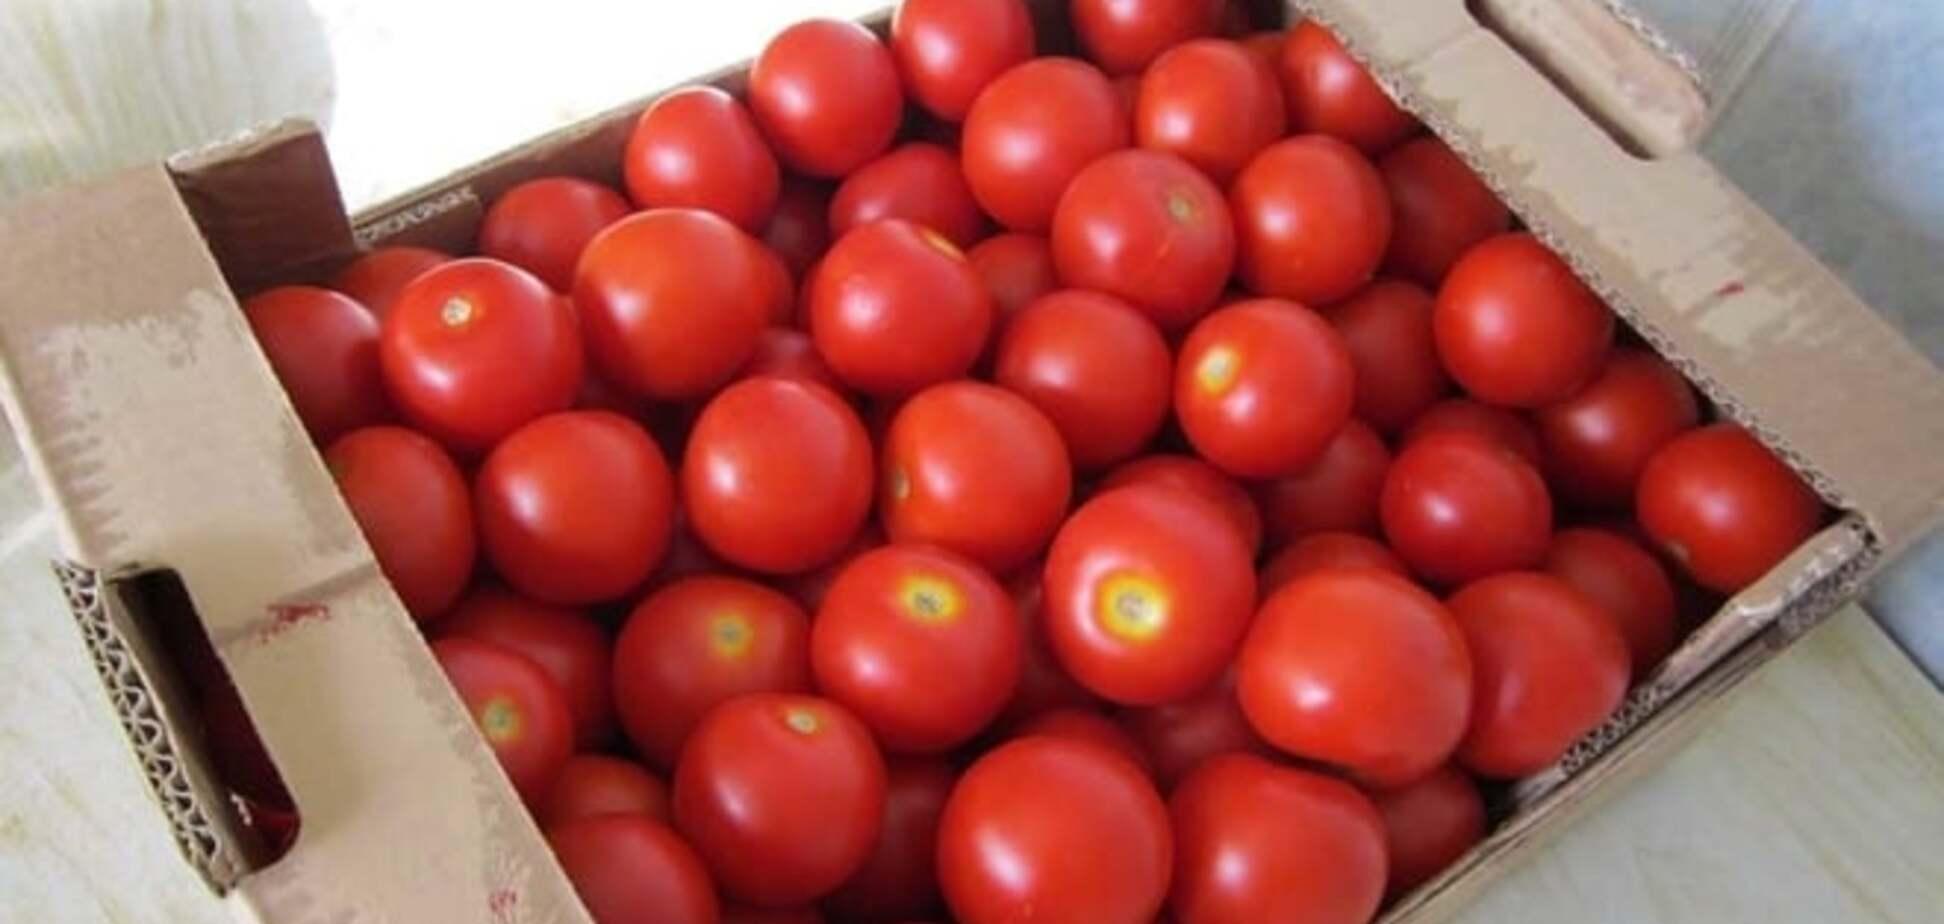 Не съем, так понадкусываю: в России водитель угнал фургон с 1,5 т санкционных помидоров